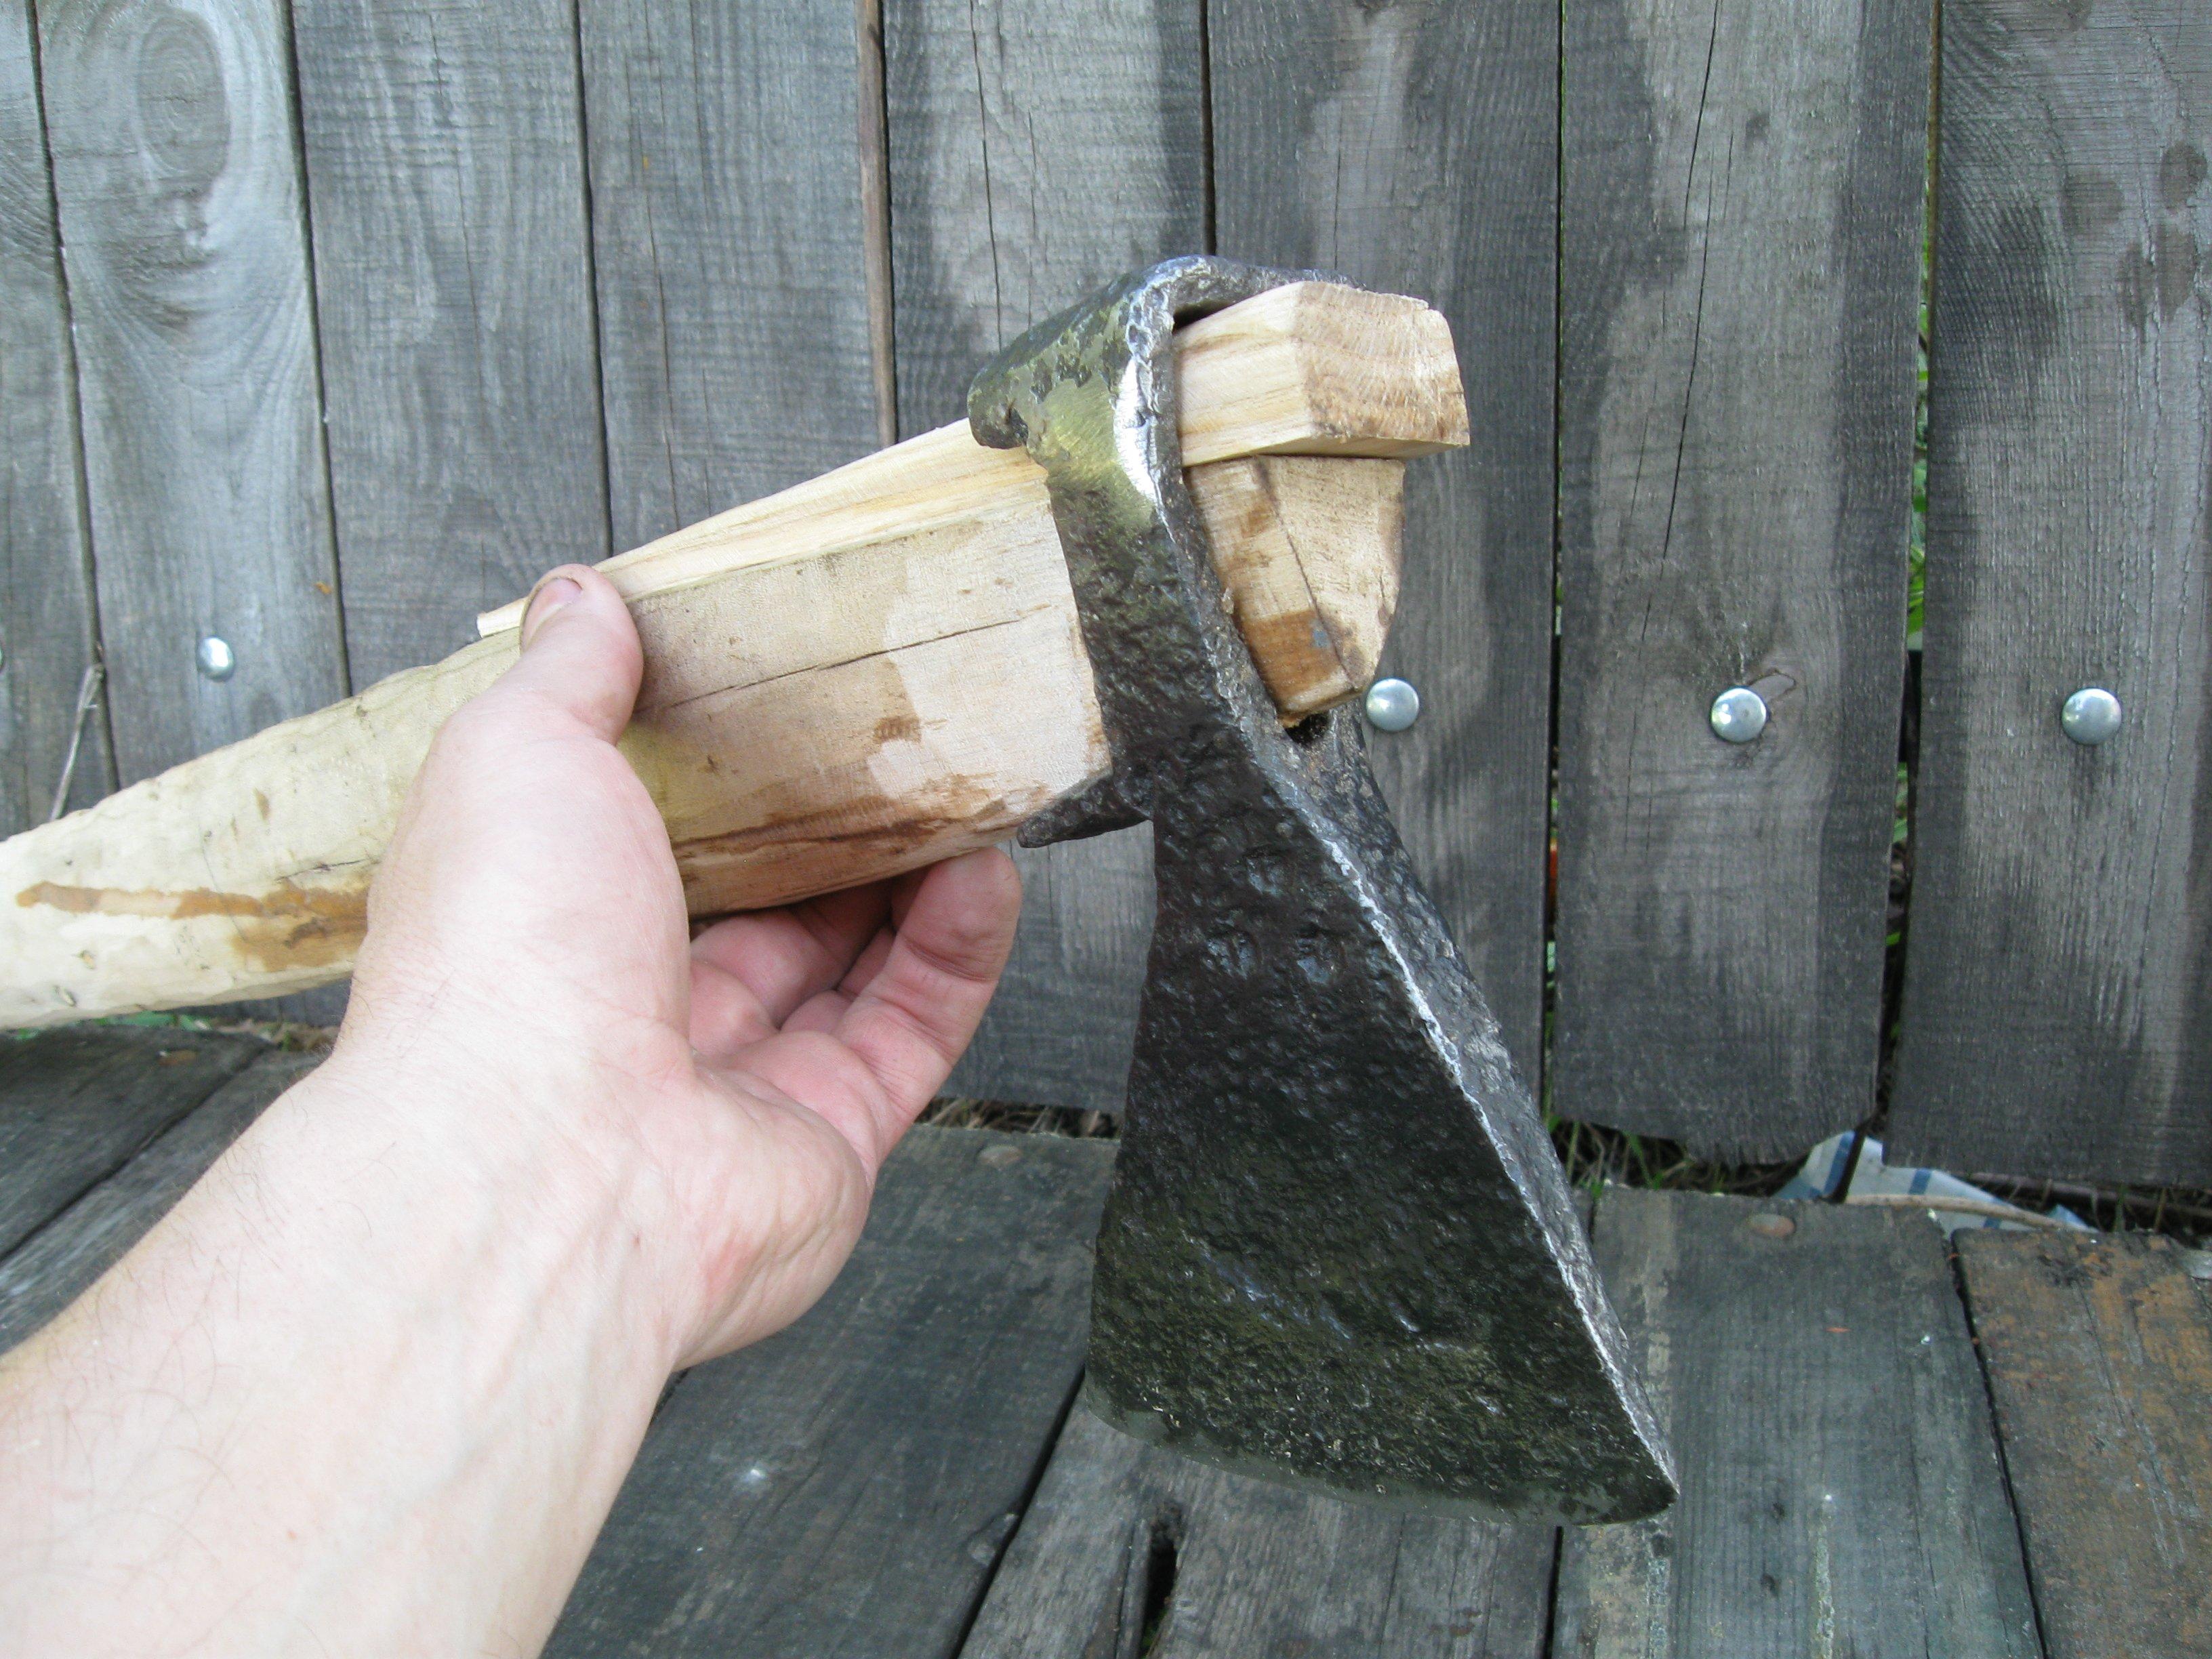 Как насадить топор на топорище?